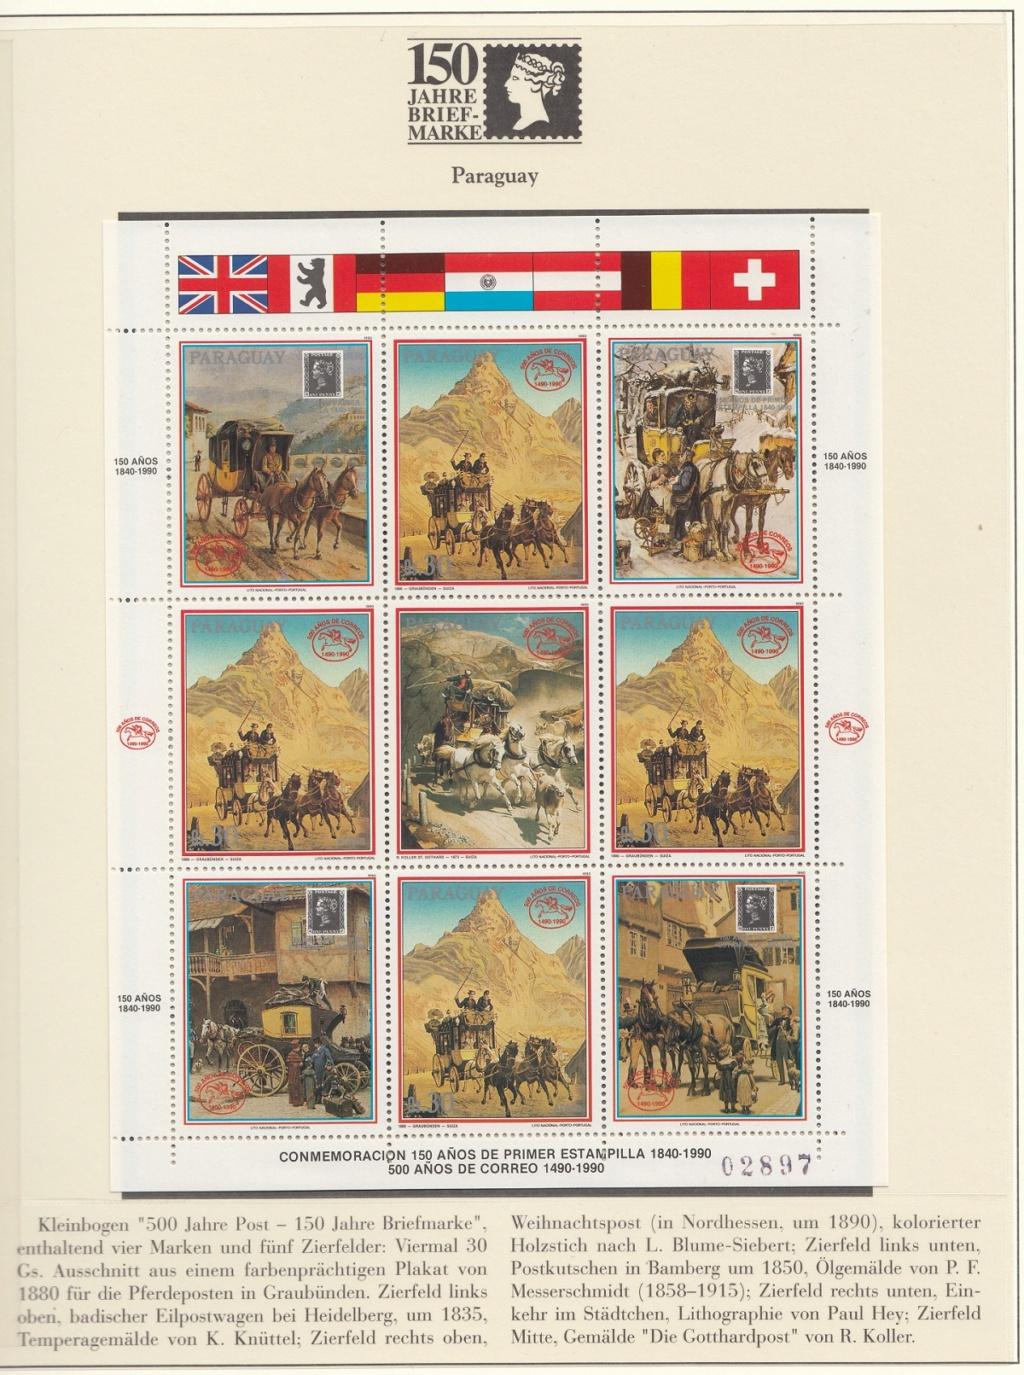 180 Jahre Briefmarke 150-4310